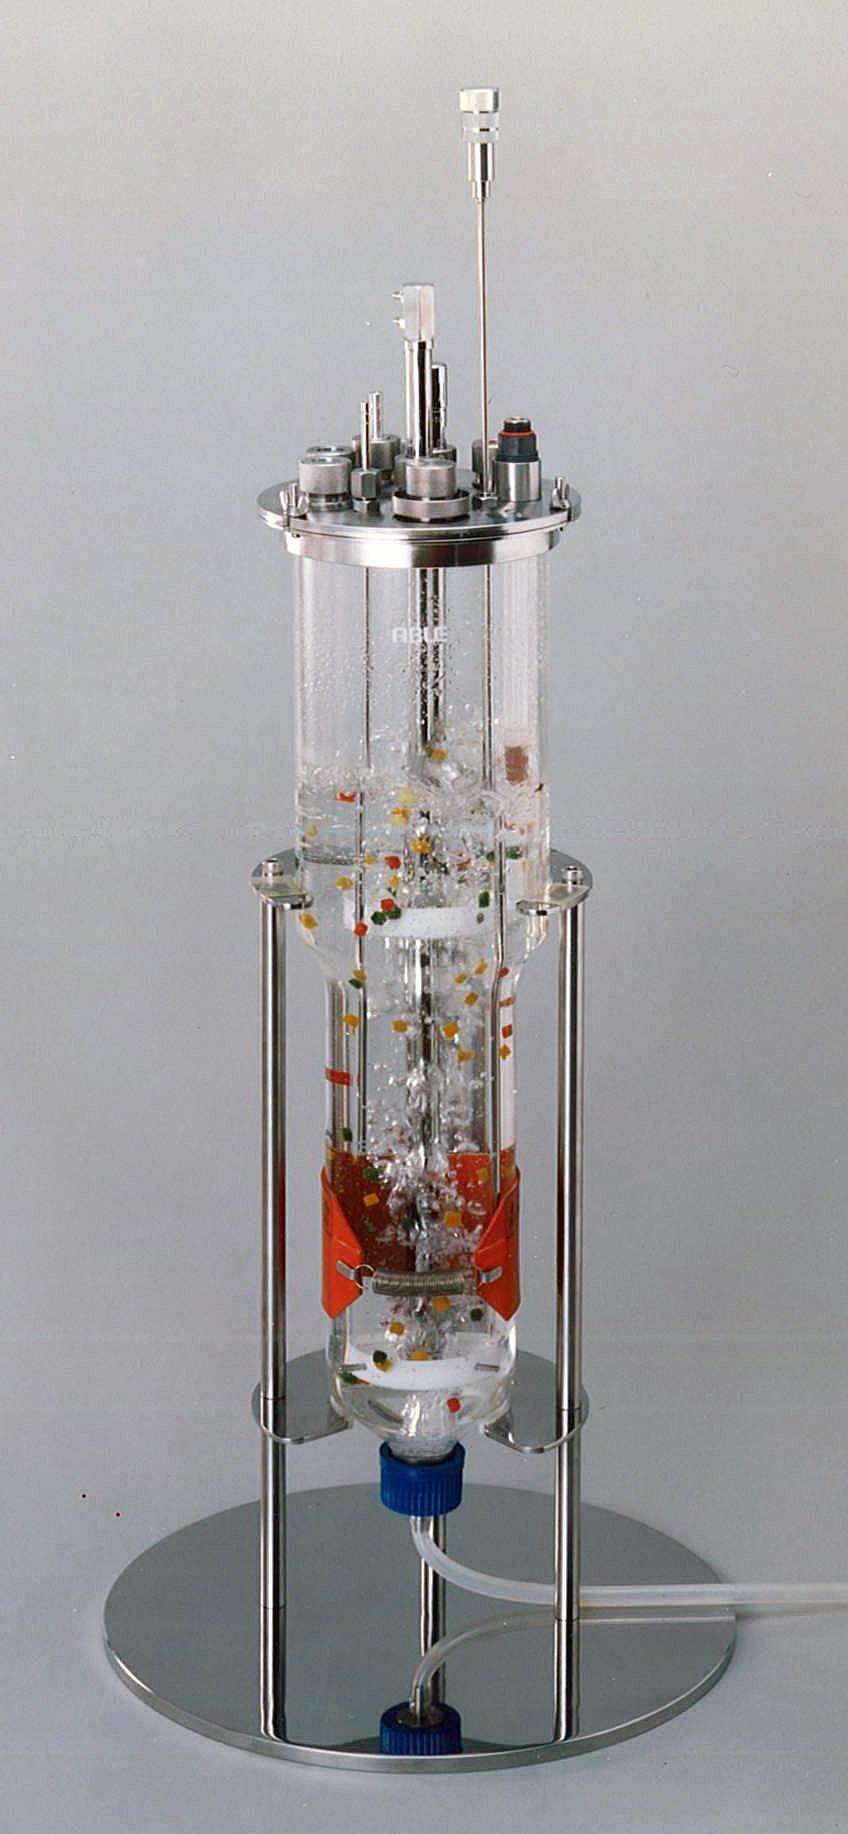 Air-Lift type fermentor